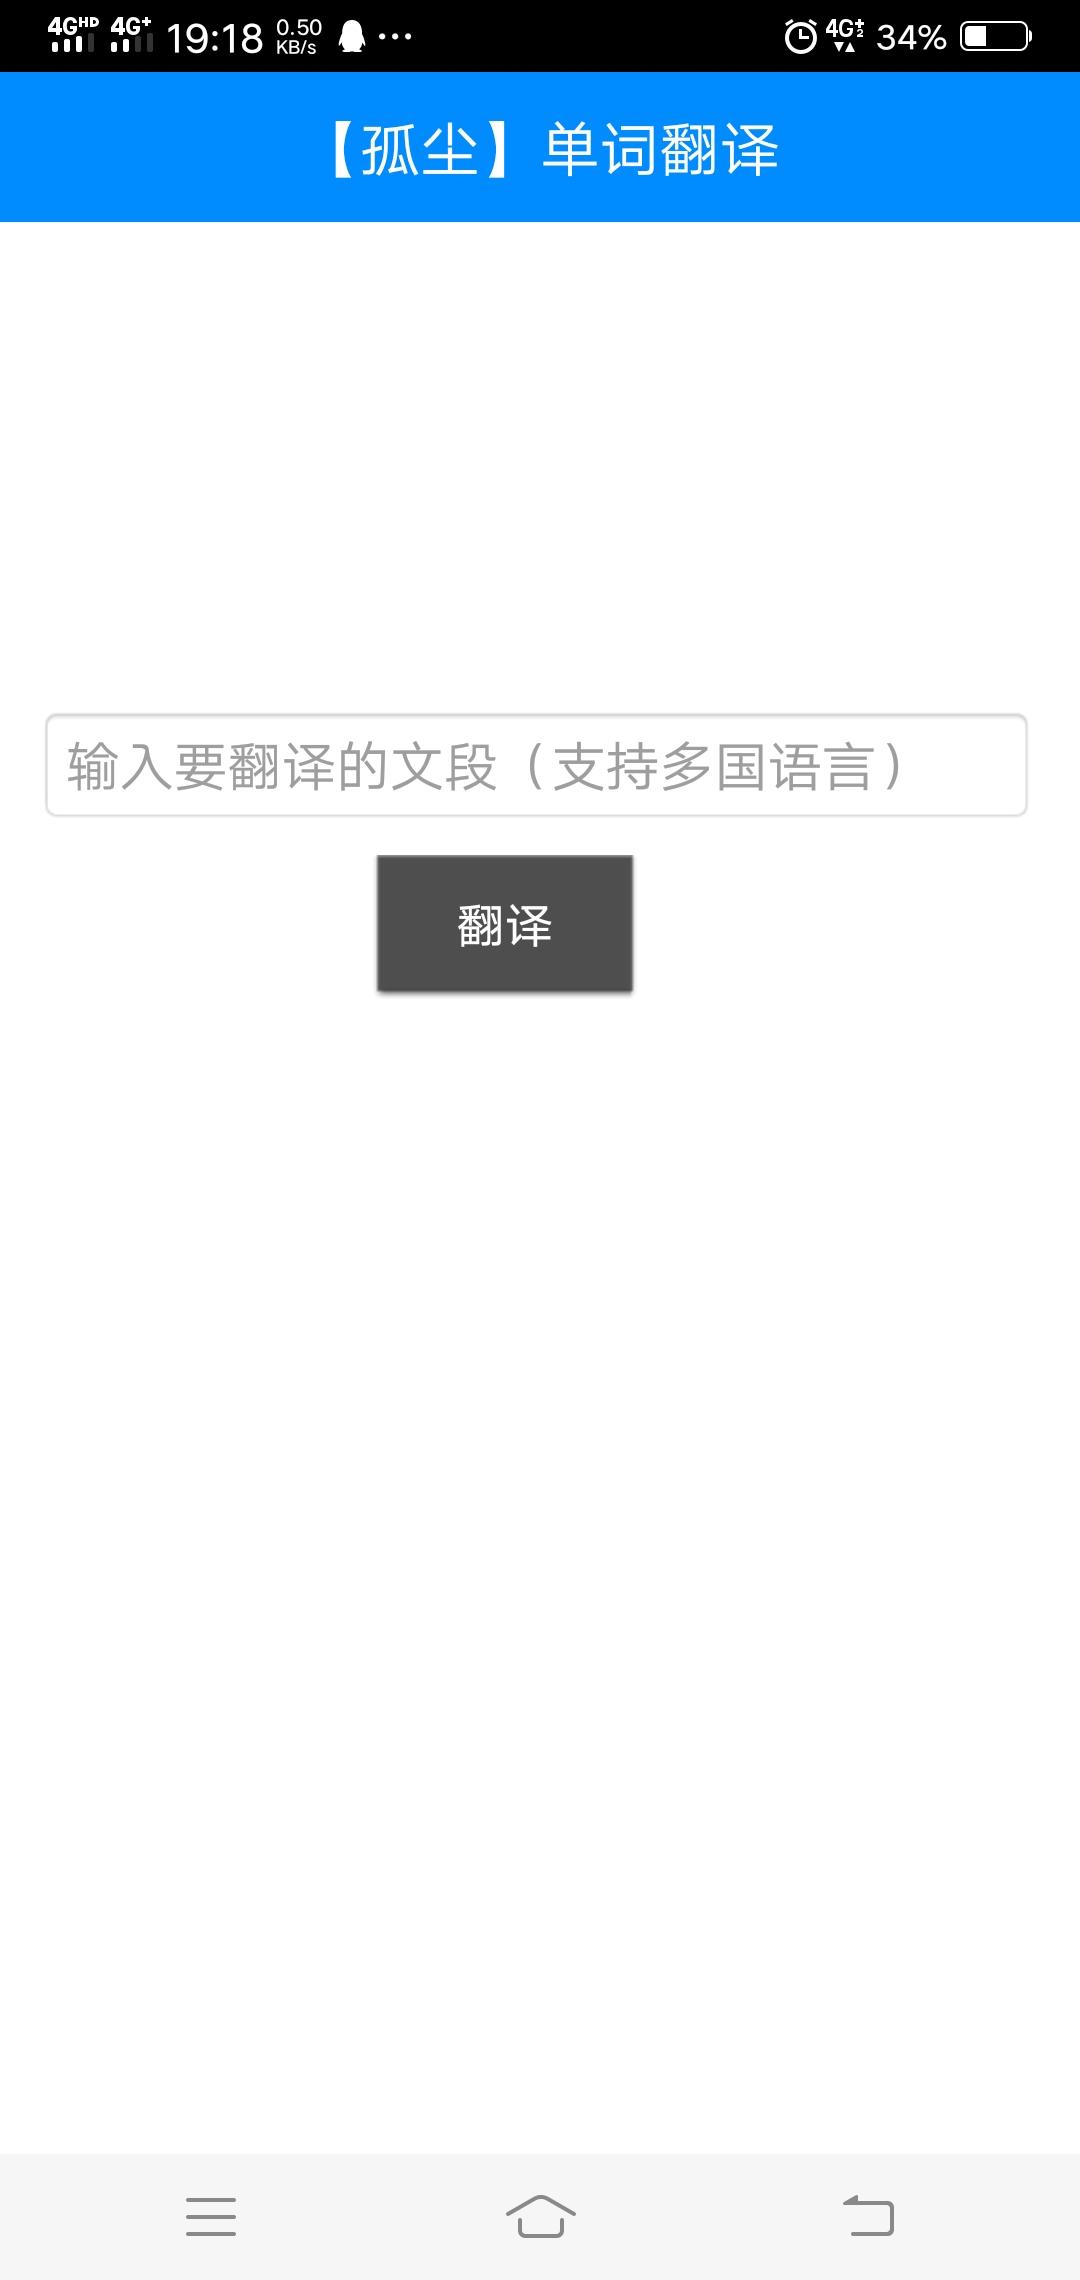 【原创工具】单词翻译 内存超小 单词全 可听句子单词 搜狗词库-爱小助